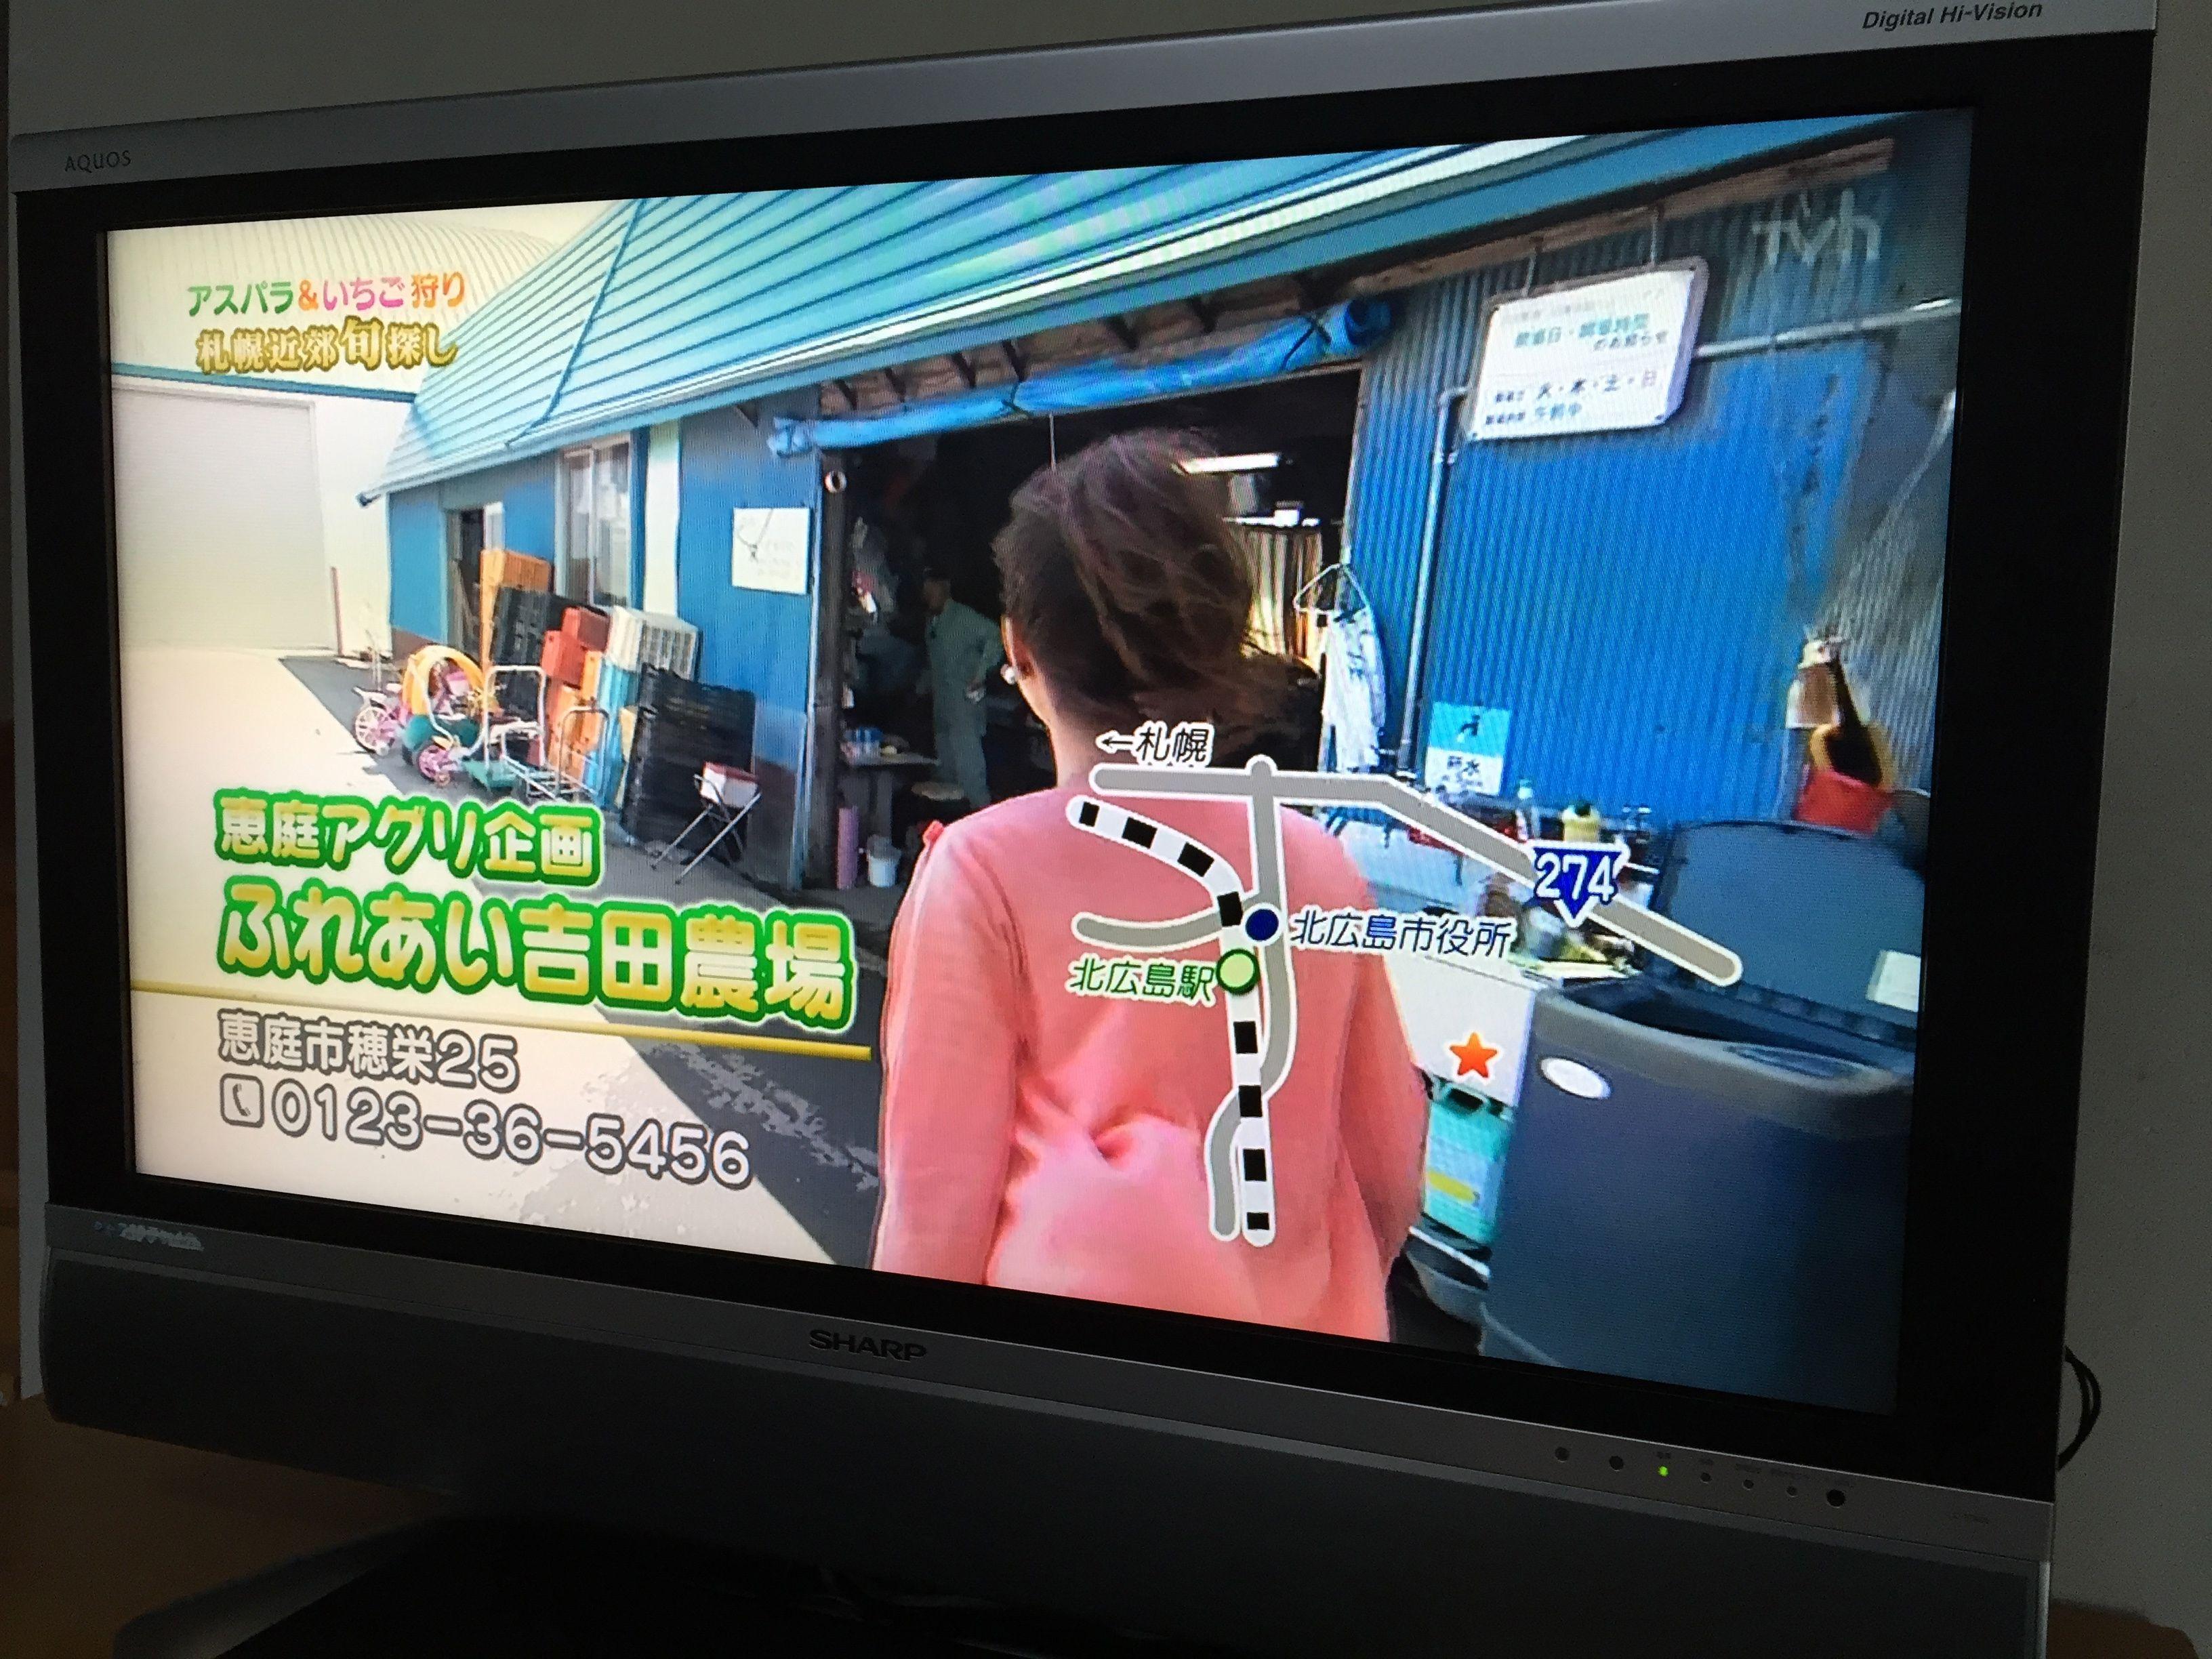 アスパラ狩り体験がTV番組で紹介されました!